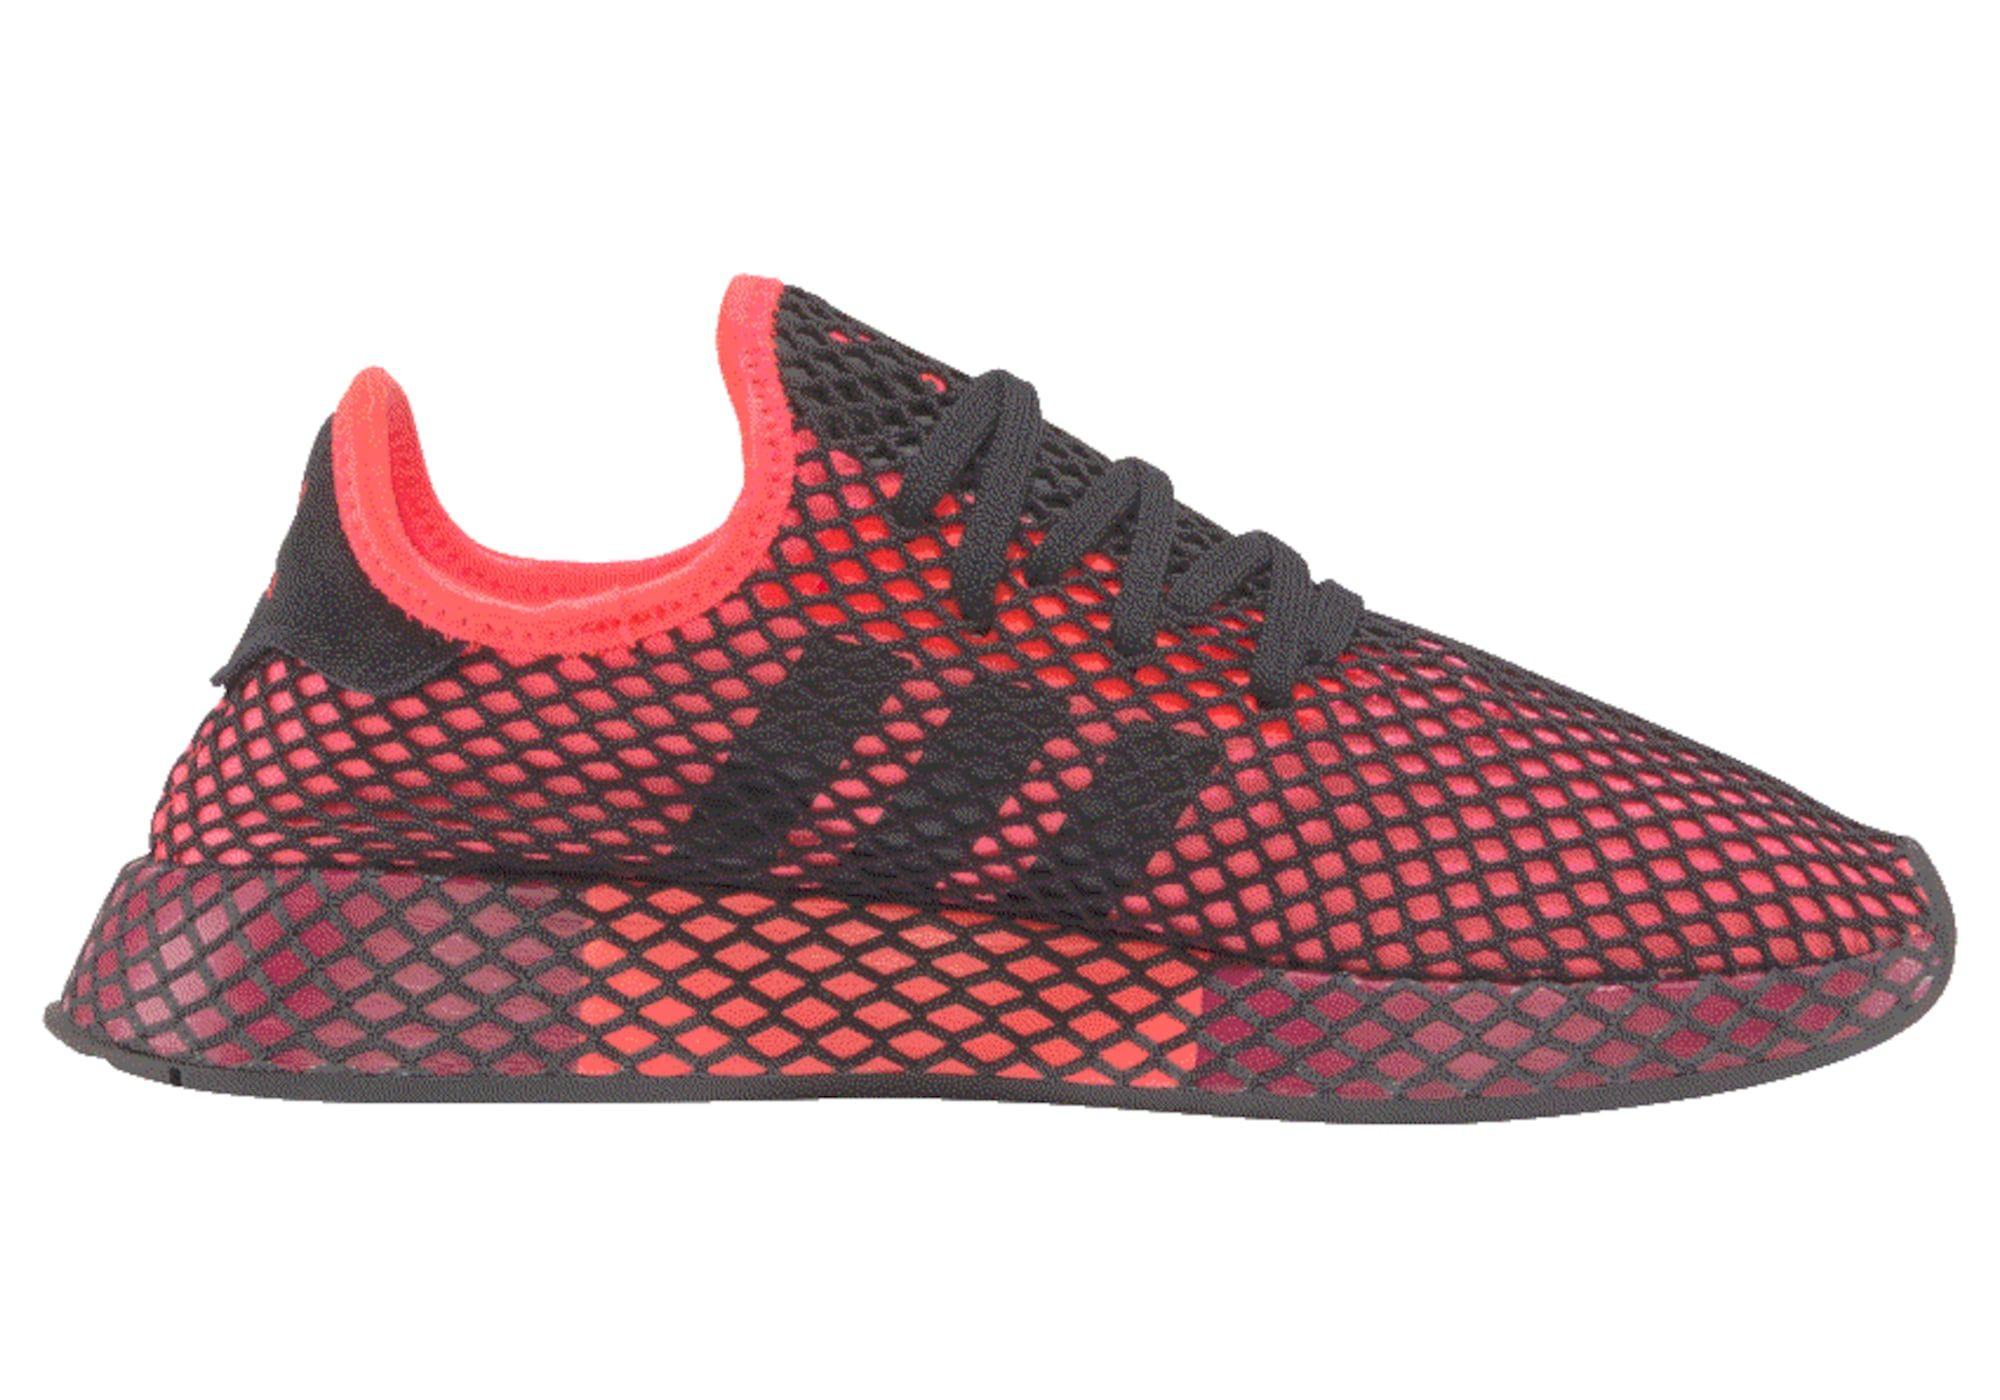 Adidas Originals Sneaker Deerupt Runner Herren Beere Hellrot Schwarz Grosse 44 Adidas Originals Sneaker Adidas Originals Sneaker